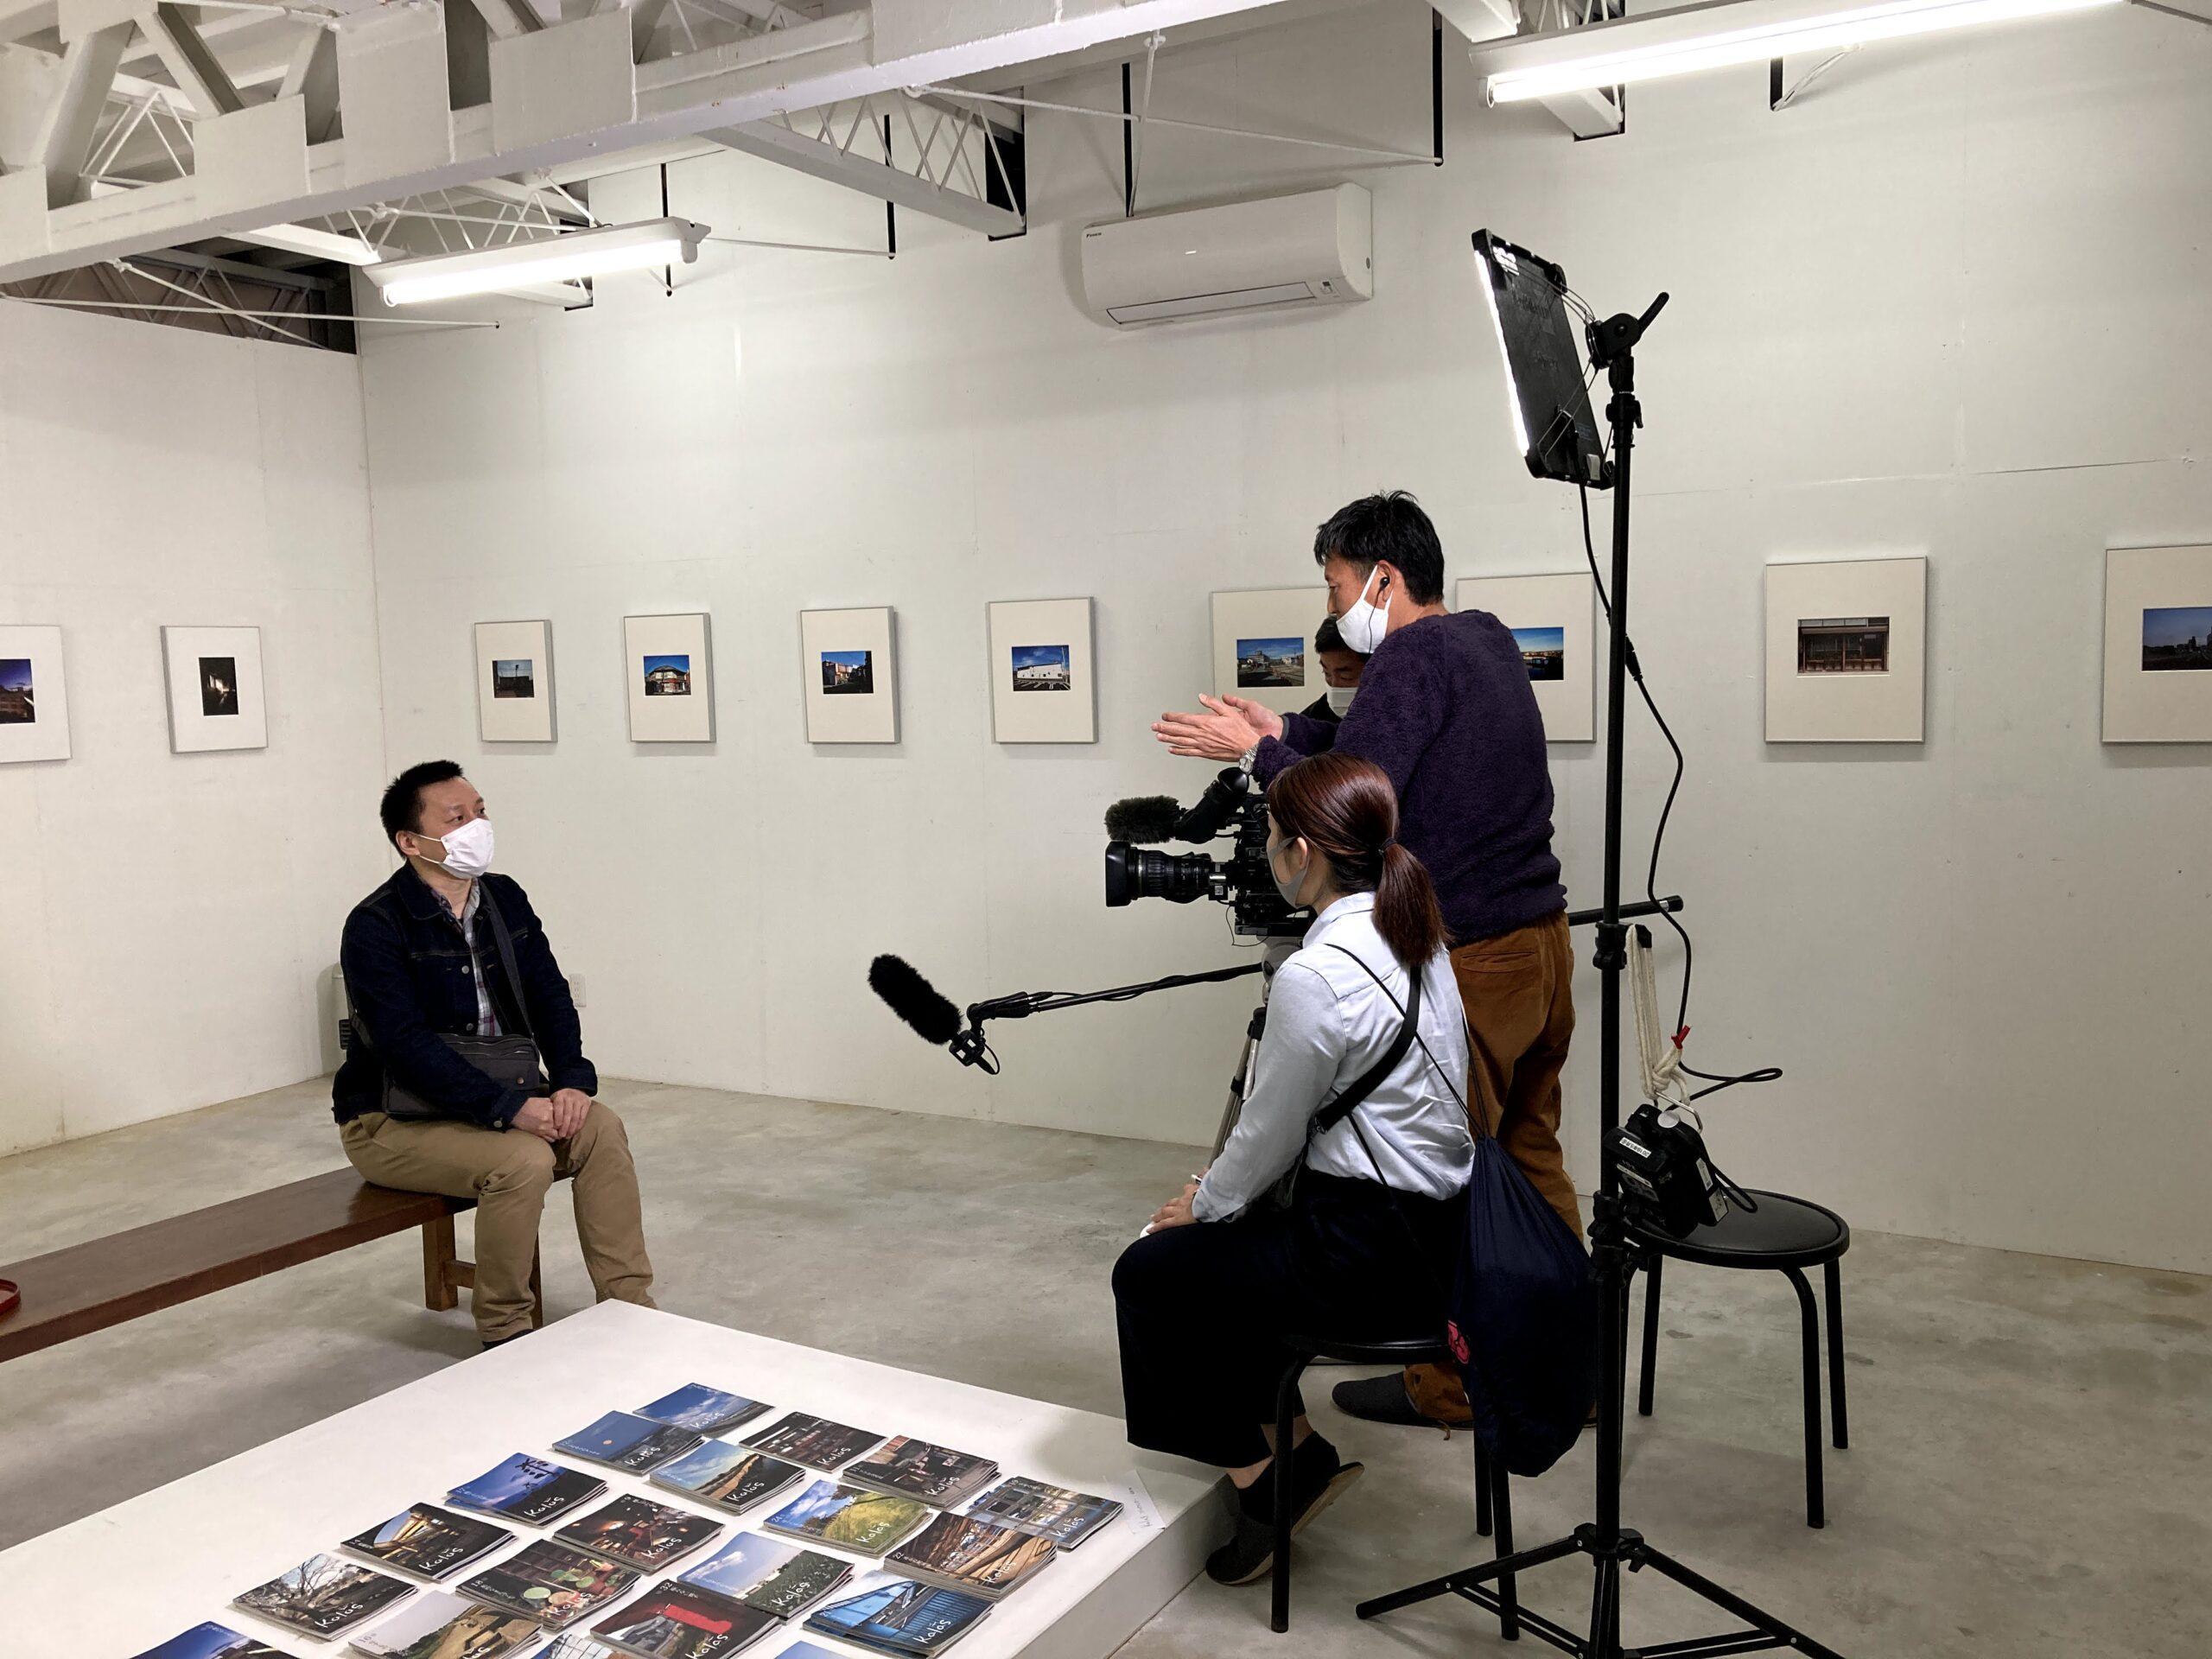 2021界隈Ⅱ写真展 NHK津放送局のインタビューを受けるkalasbooks西屋さん